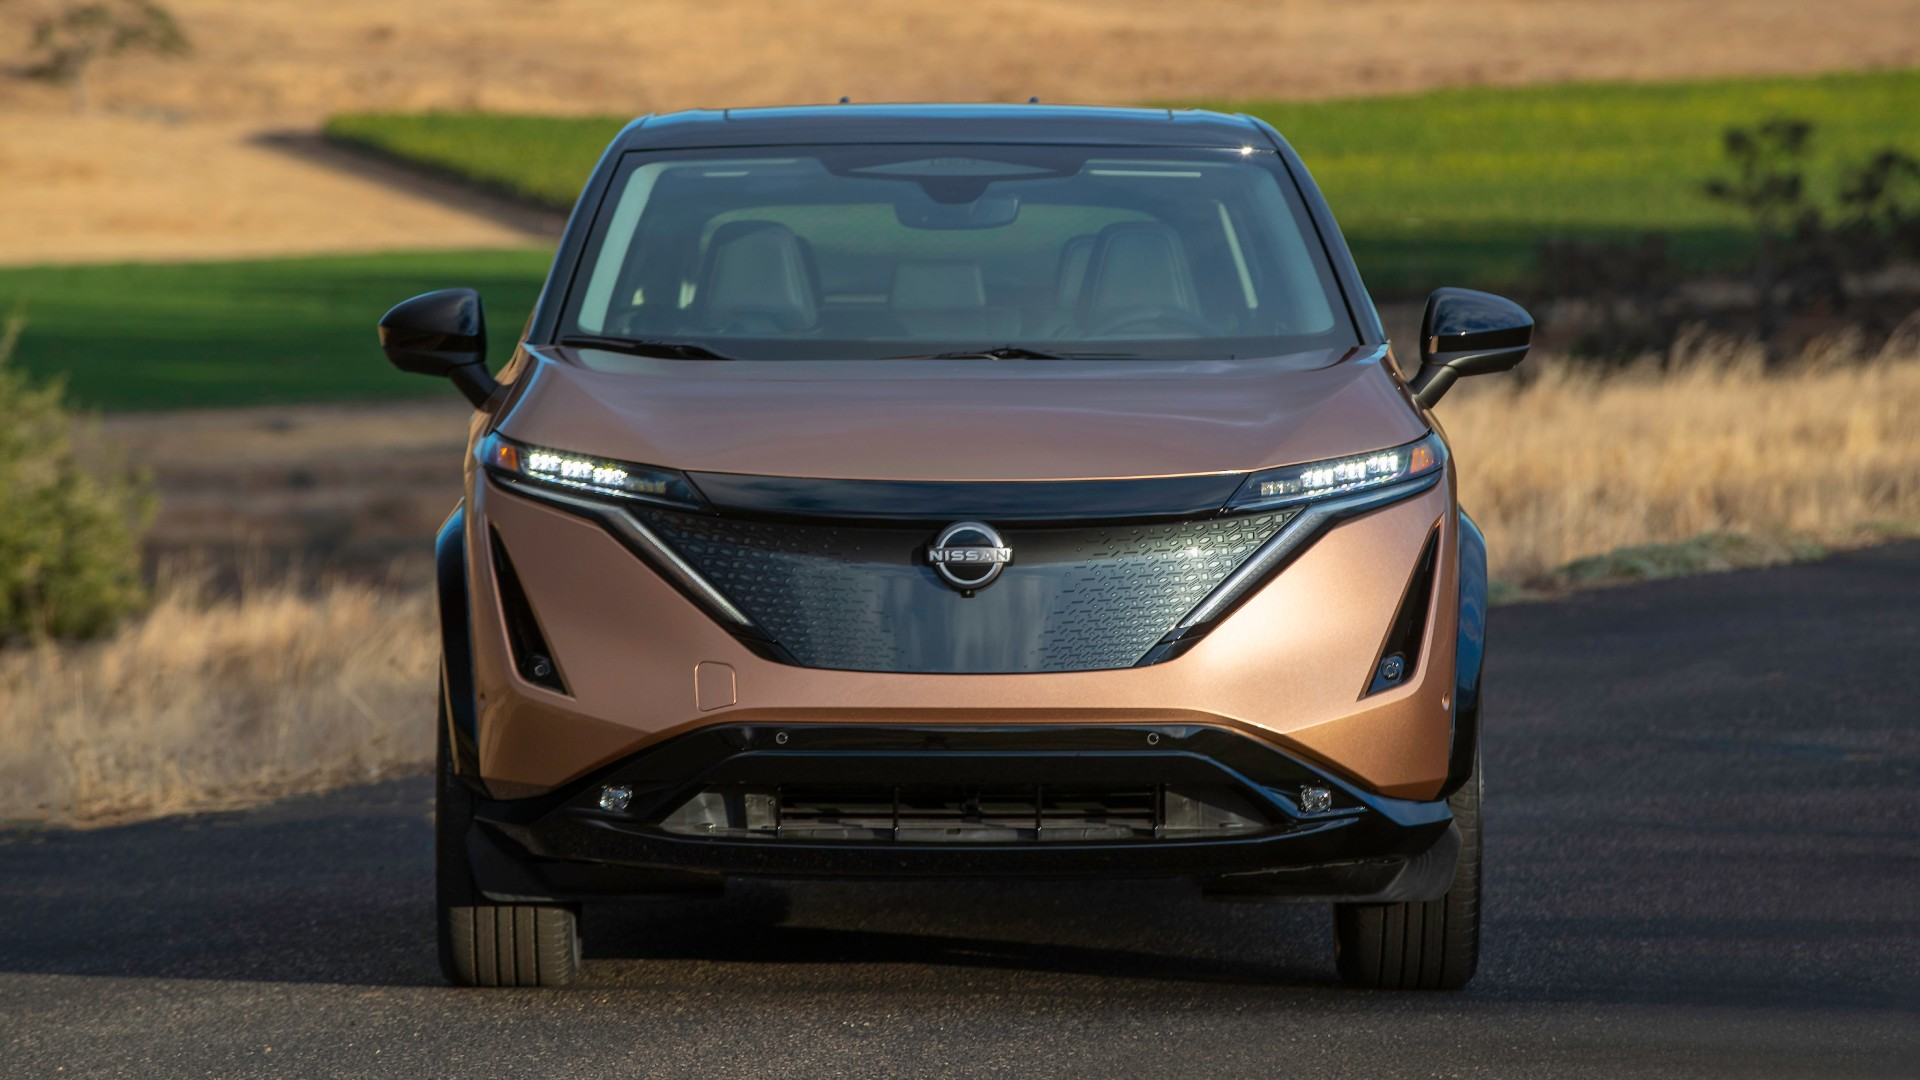 Το νέο αμιγώς ηλεκτρικό SUV της Nissan θα είναι στο μέγεθος του Juke